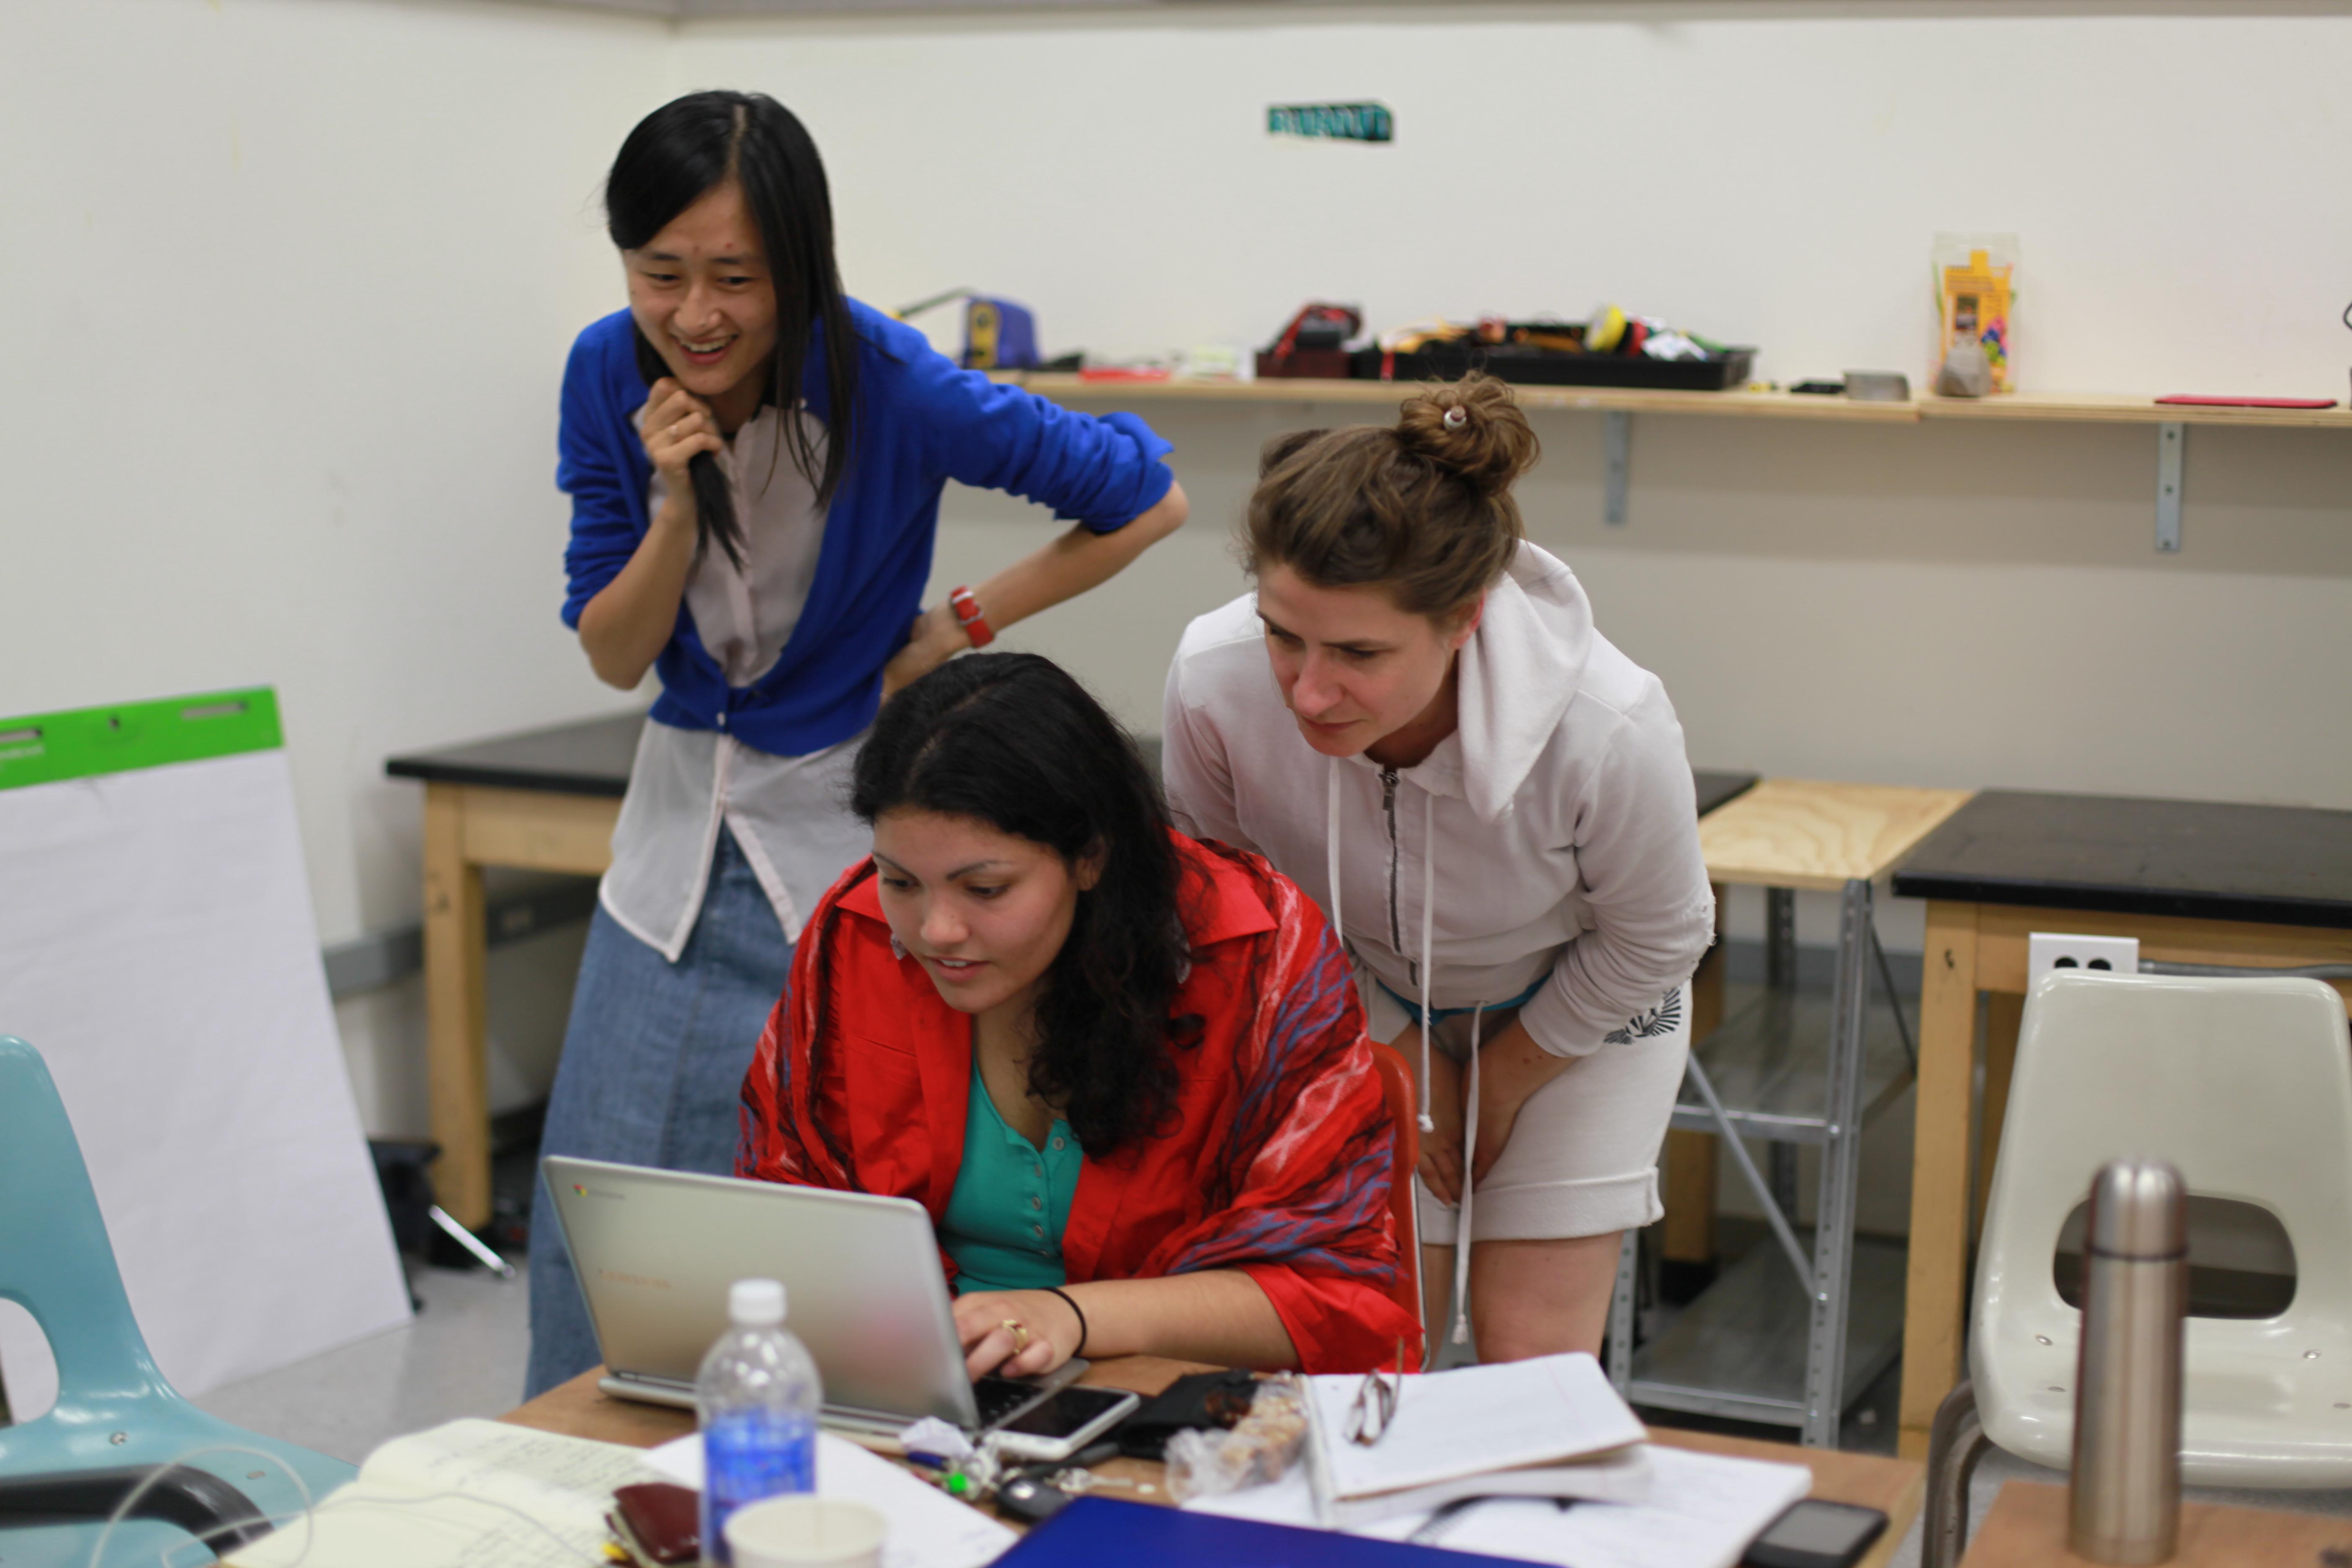 Participants at workshop at University at Buffalo in September 2013